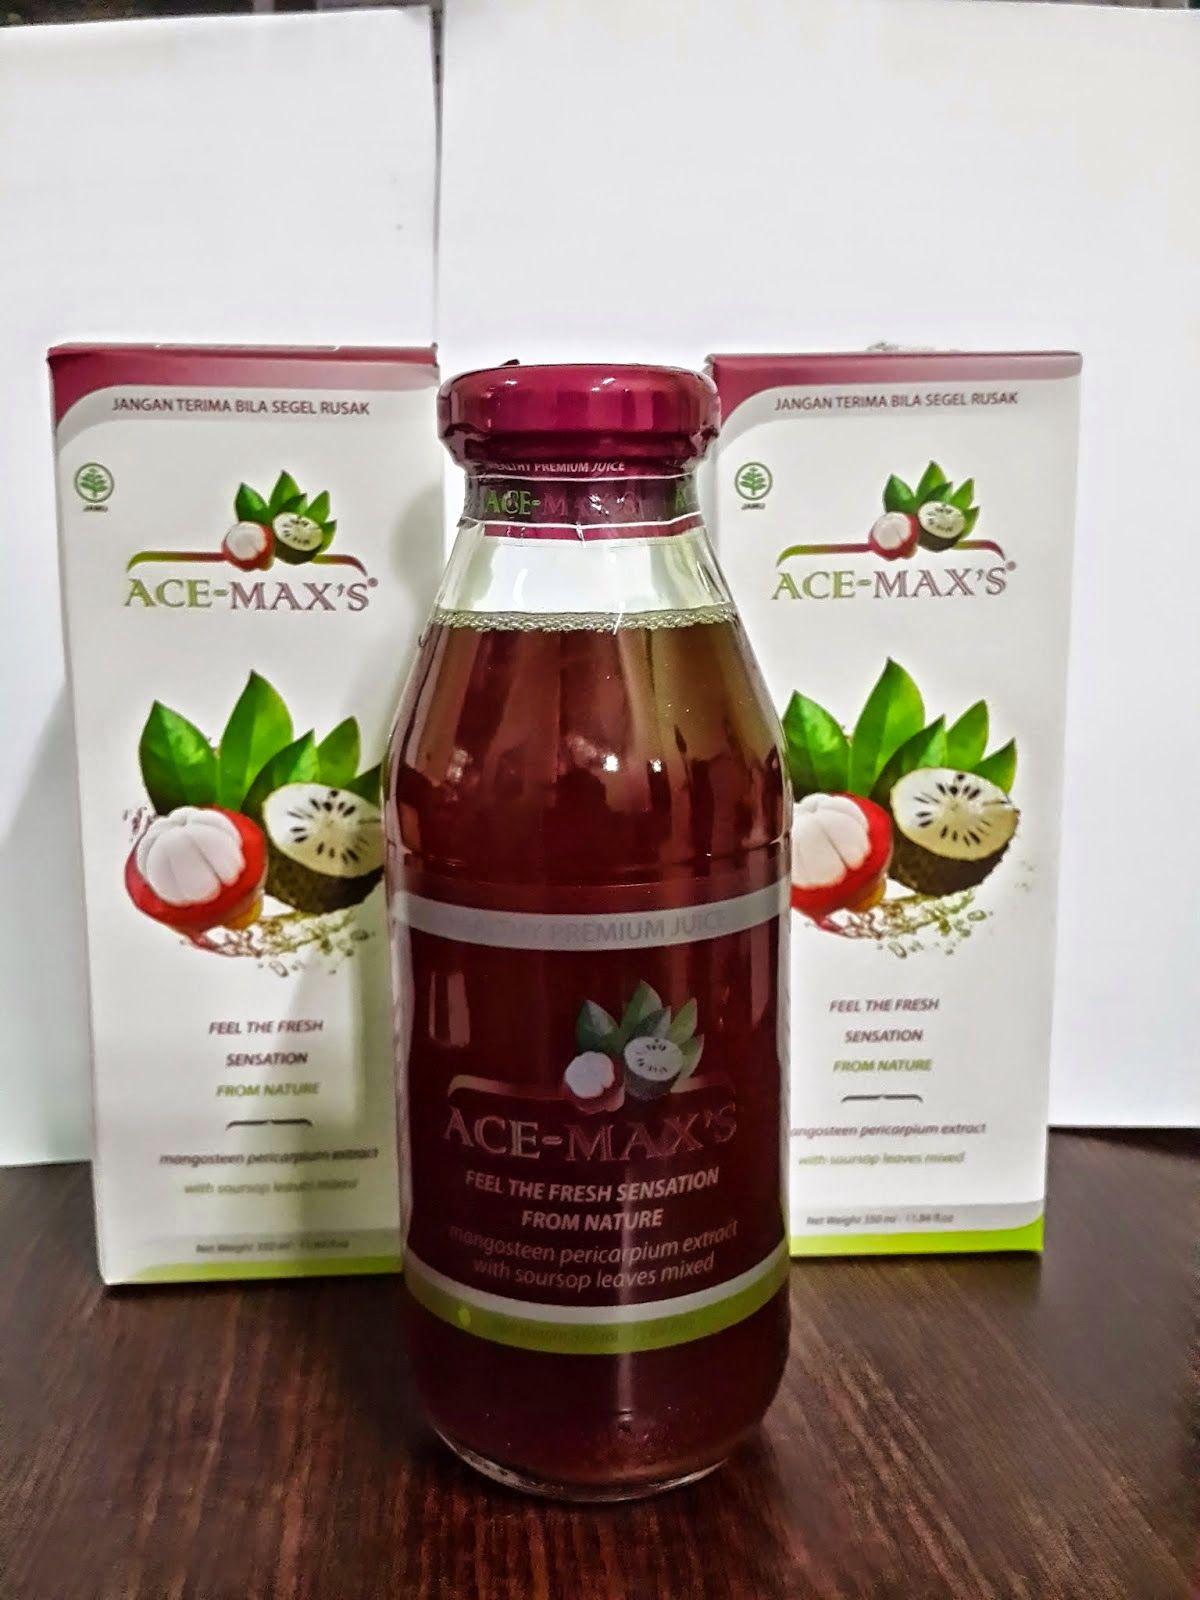 Ace Maxs Herbal Extract Kulit Manggis Minuman Kesehatan 350 Ml Max Acemax Acemaxs Esmex Esmeks Jus Daun Sirsak Obat Tradisional Diabetes Kering Terbuat Dari Ekstrak Dan Beragam